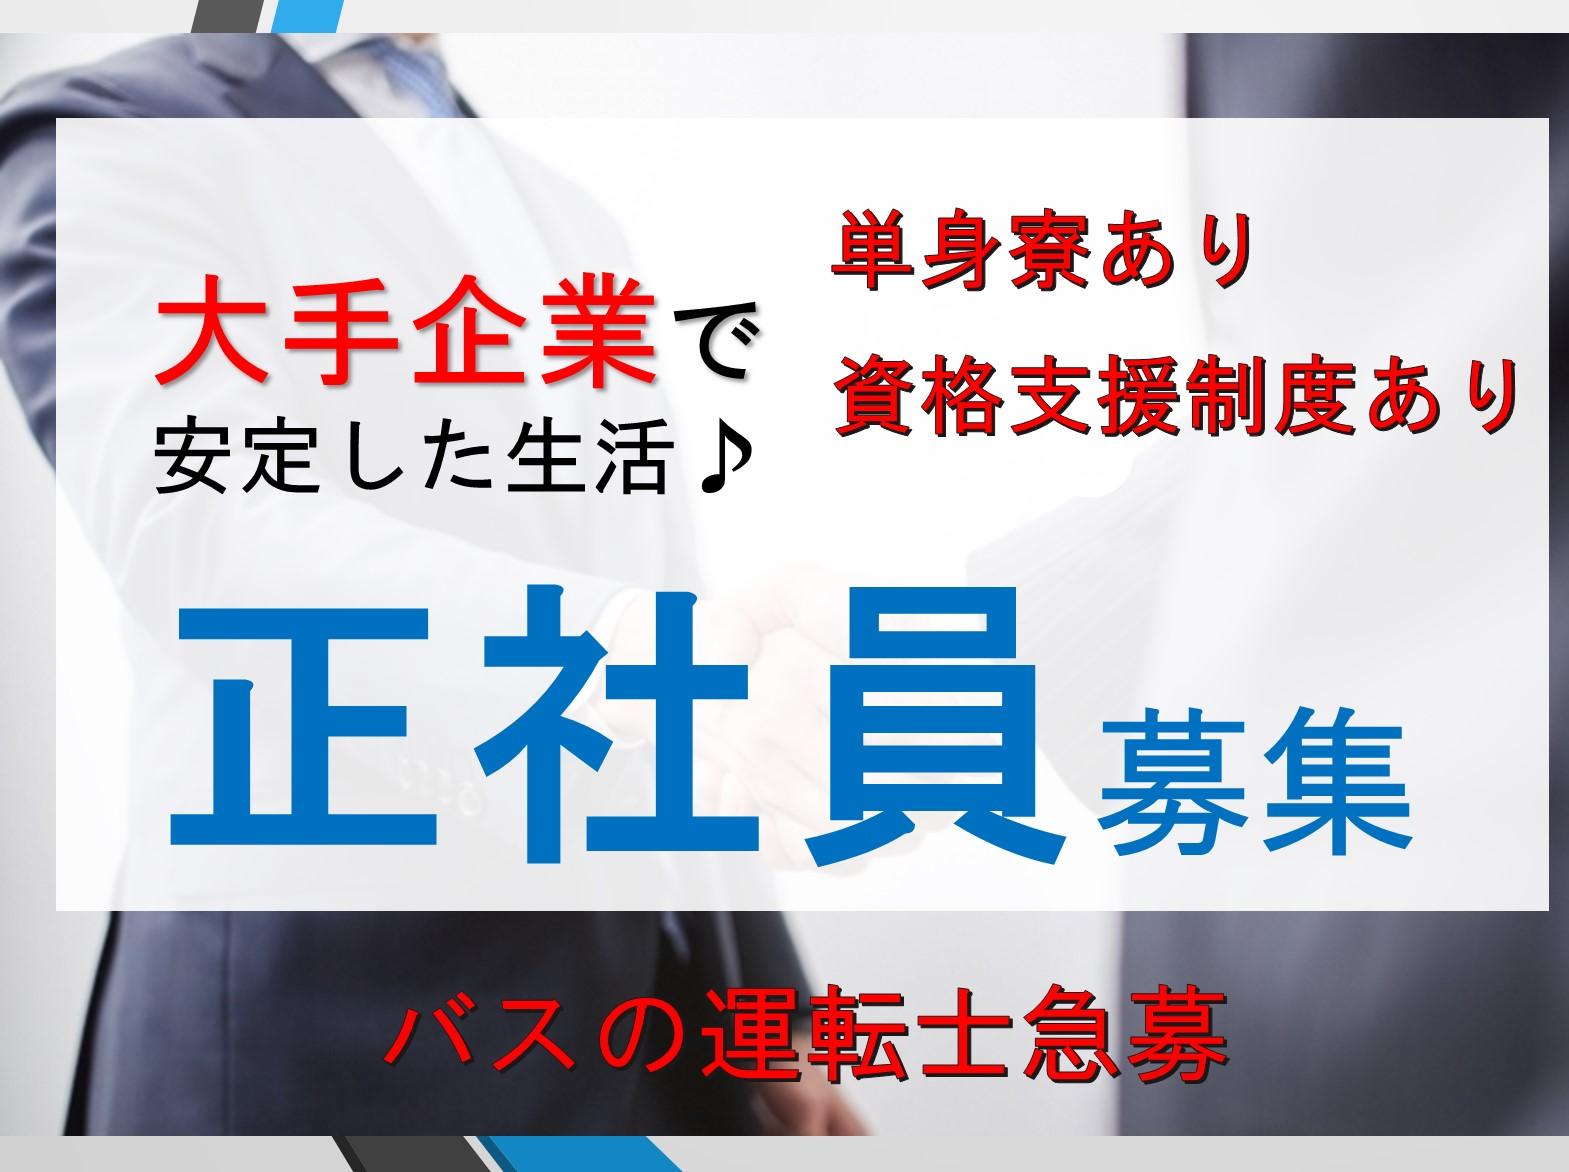 【路線バス運転士急募!】年齢不問!普通免許でOK!福利厚生が充実の大手企業で働こう! イメージ